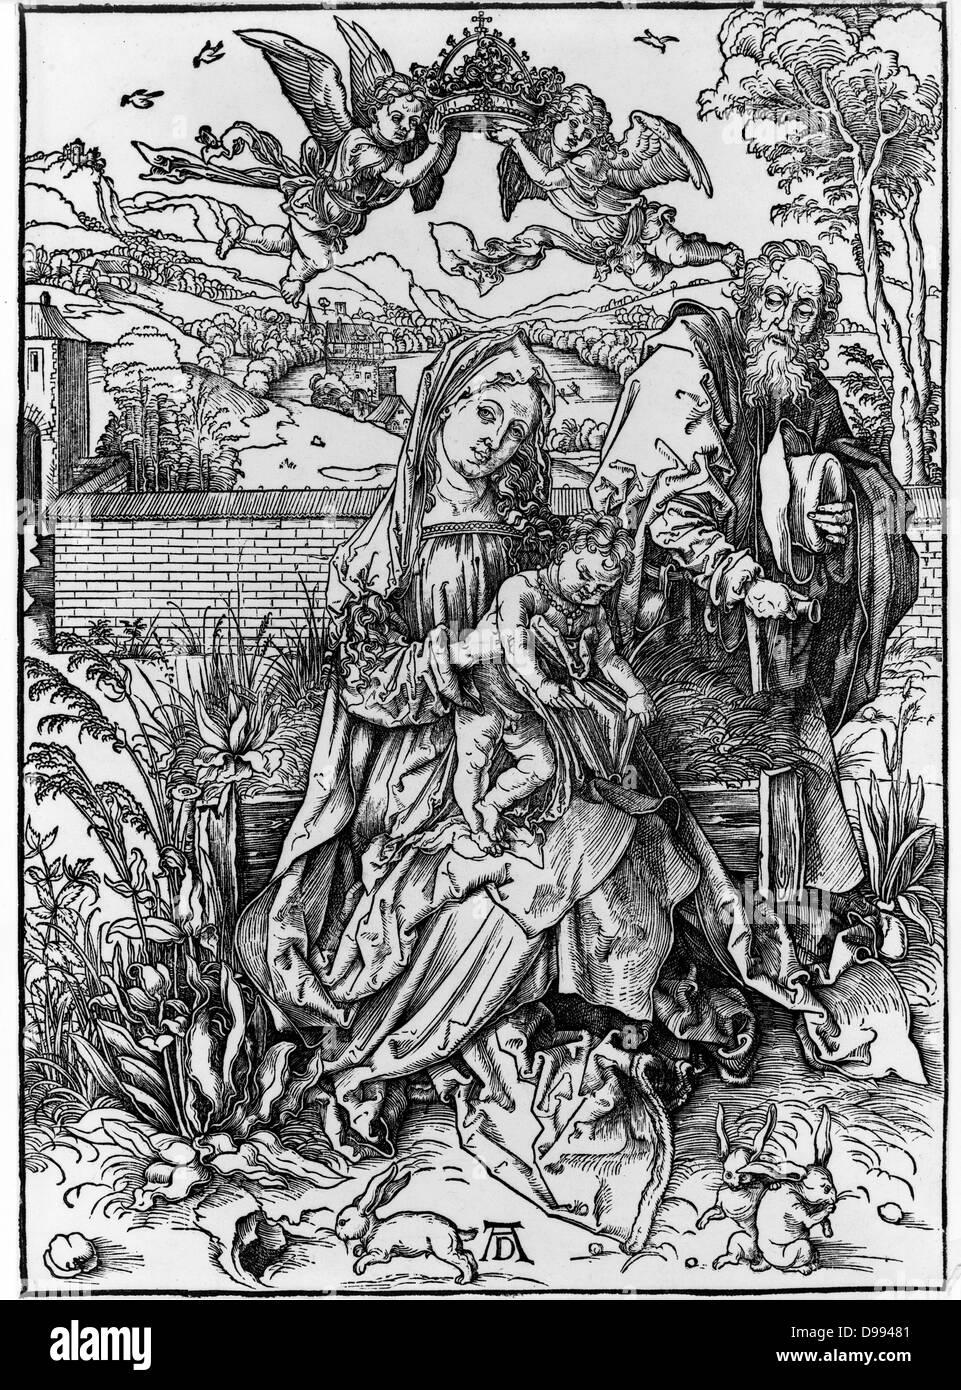 Die Jungfrau mit Kind hält einen Buch, von Albrecht Dürer, 1471-1528 deutscher Künstler. Veröffentlichten Stockbild